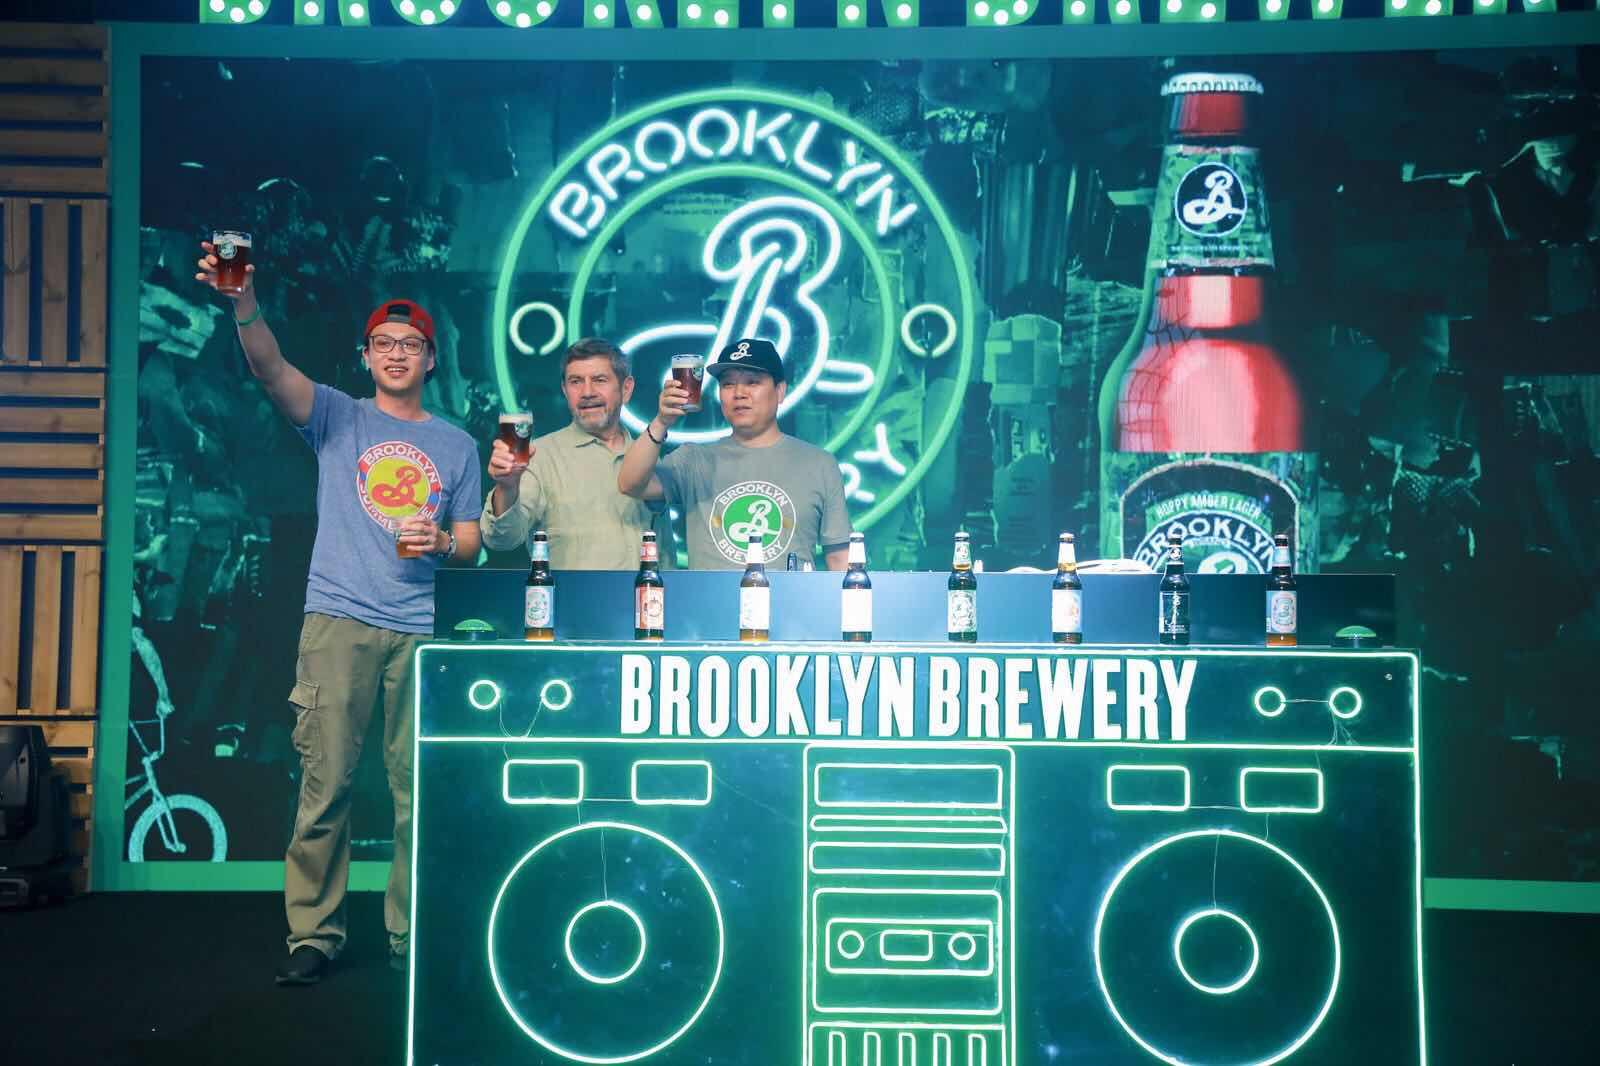 你有一杯来自布鲁克林的啤酒,请注意查收